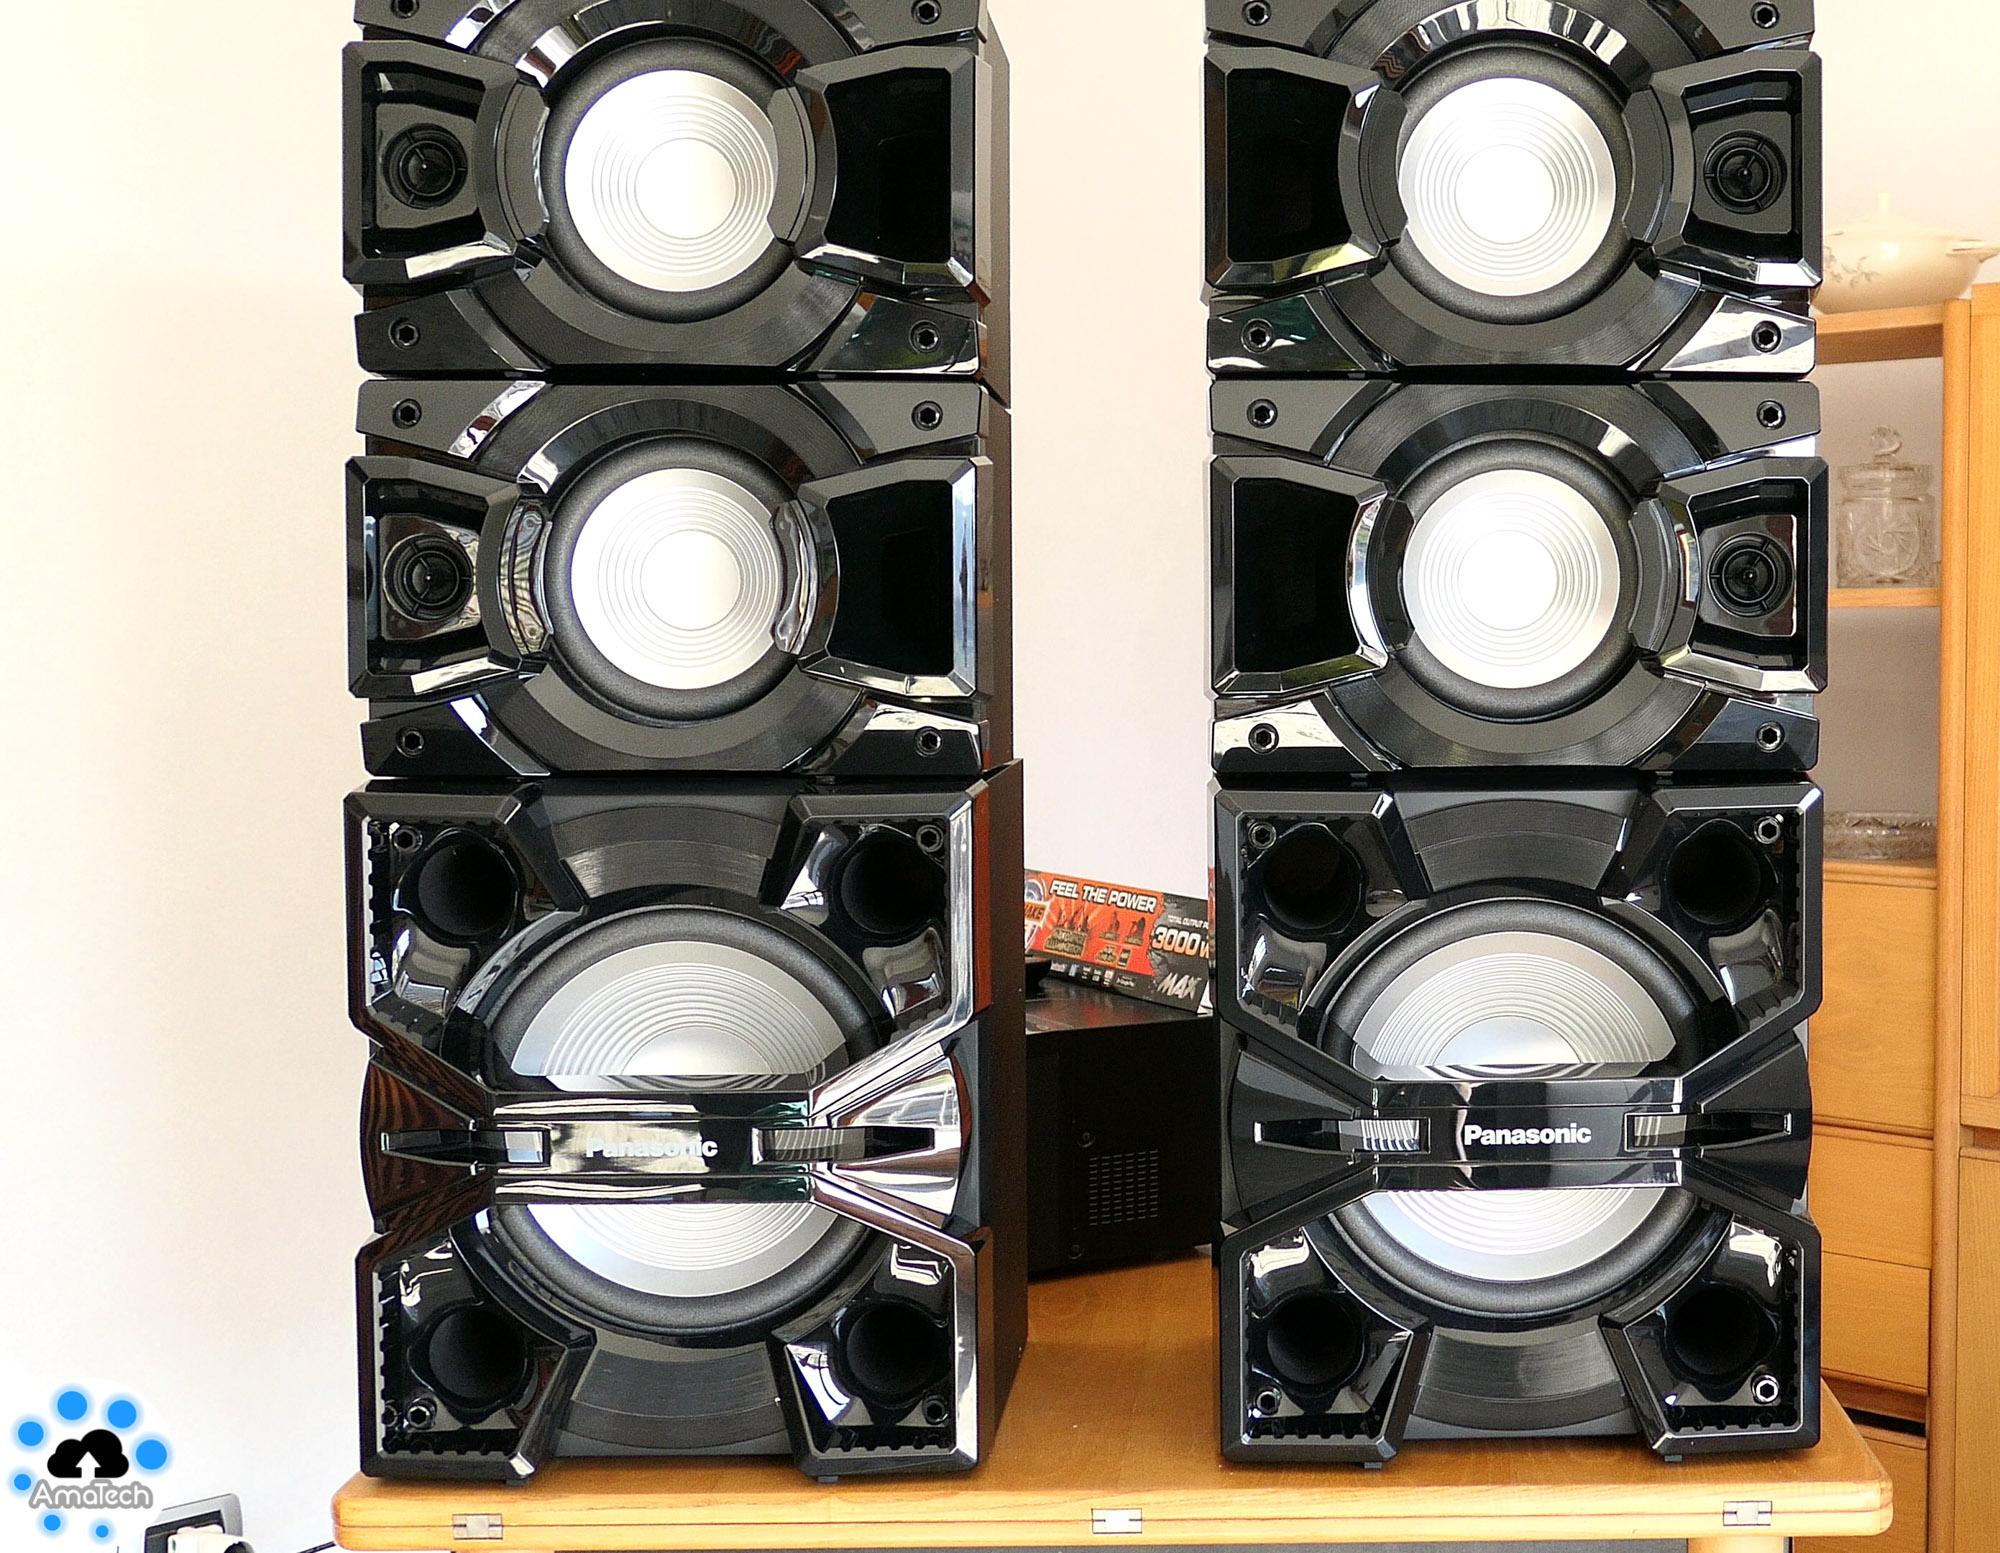 Recensione panasonic sc max7000 impianto hi fi per casa da 3000w home audio amatech - Impianto audio casa ...